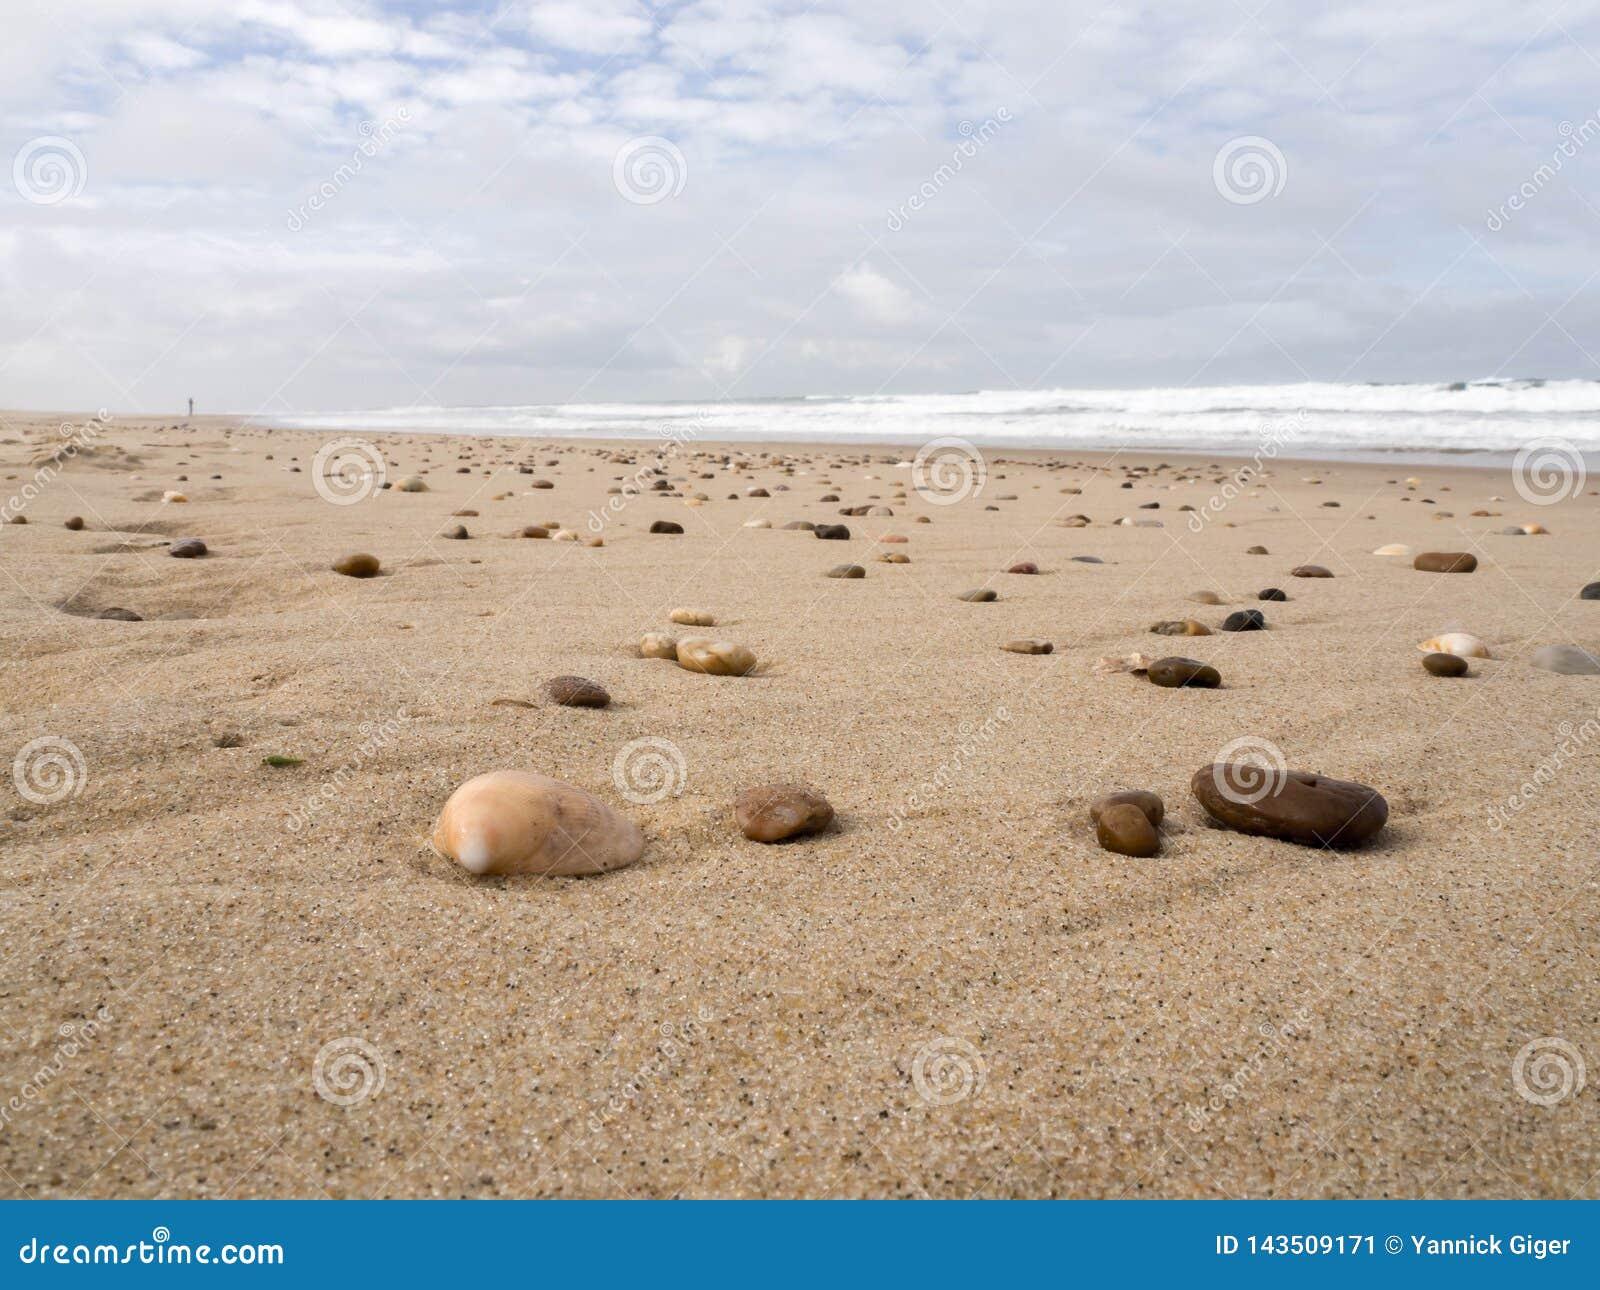 壳和岩石在海滩处于低潮中